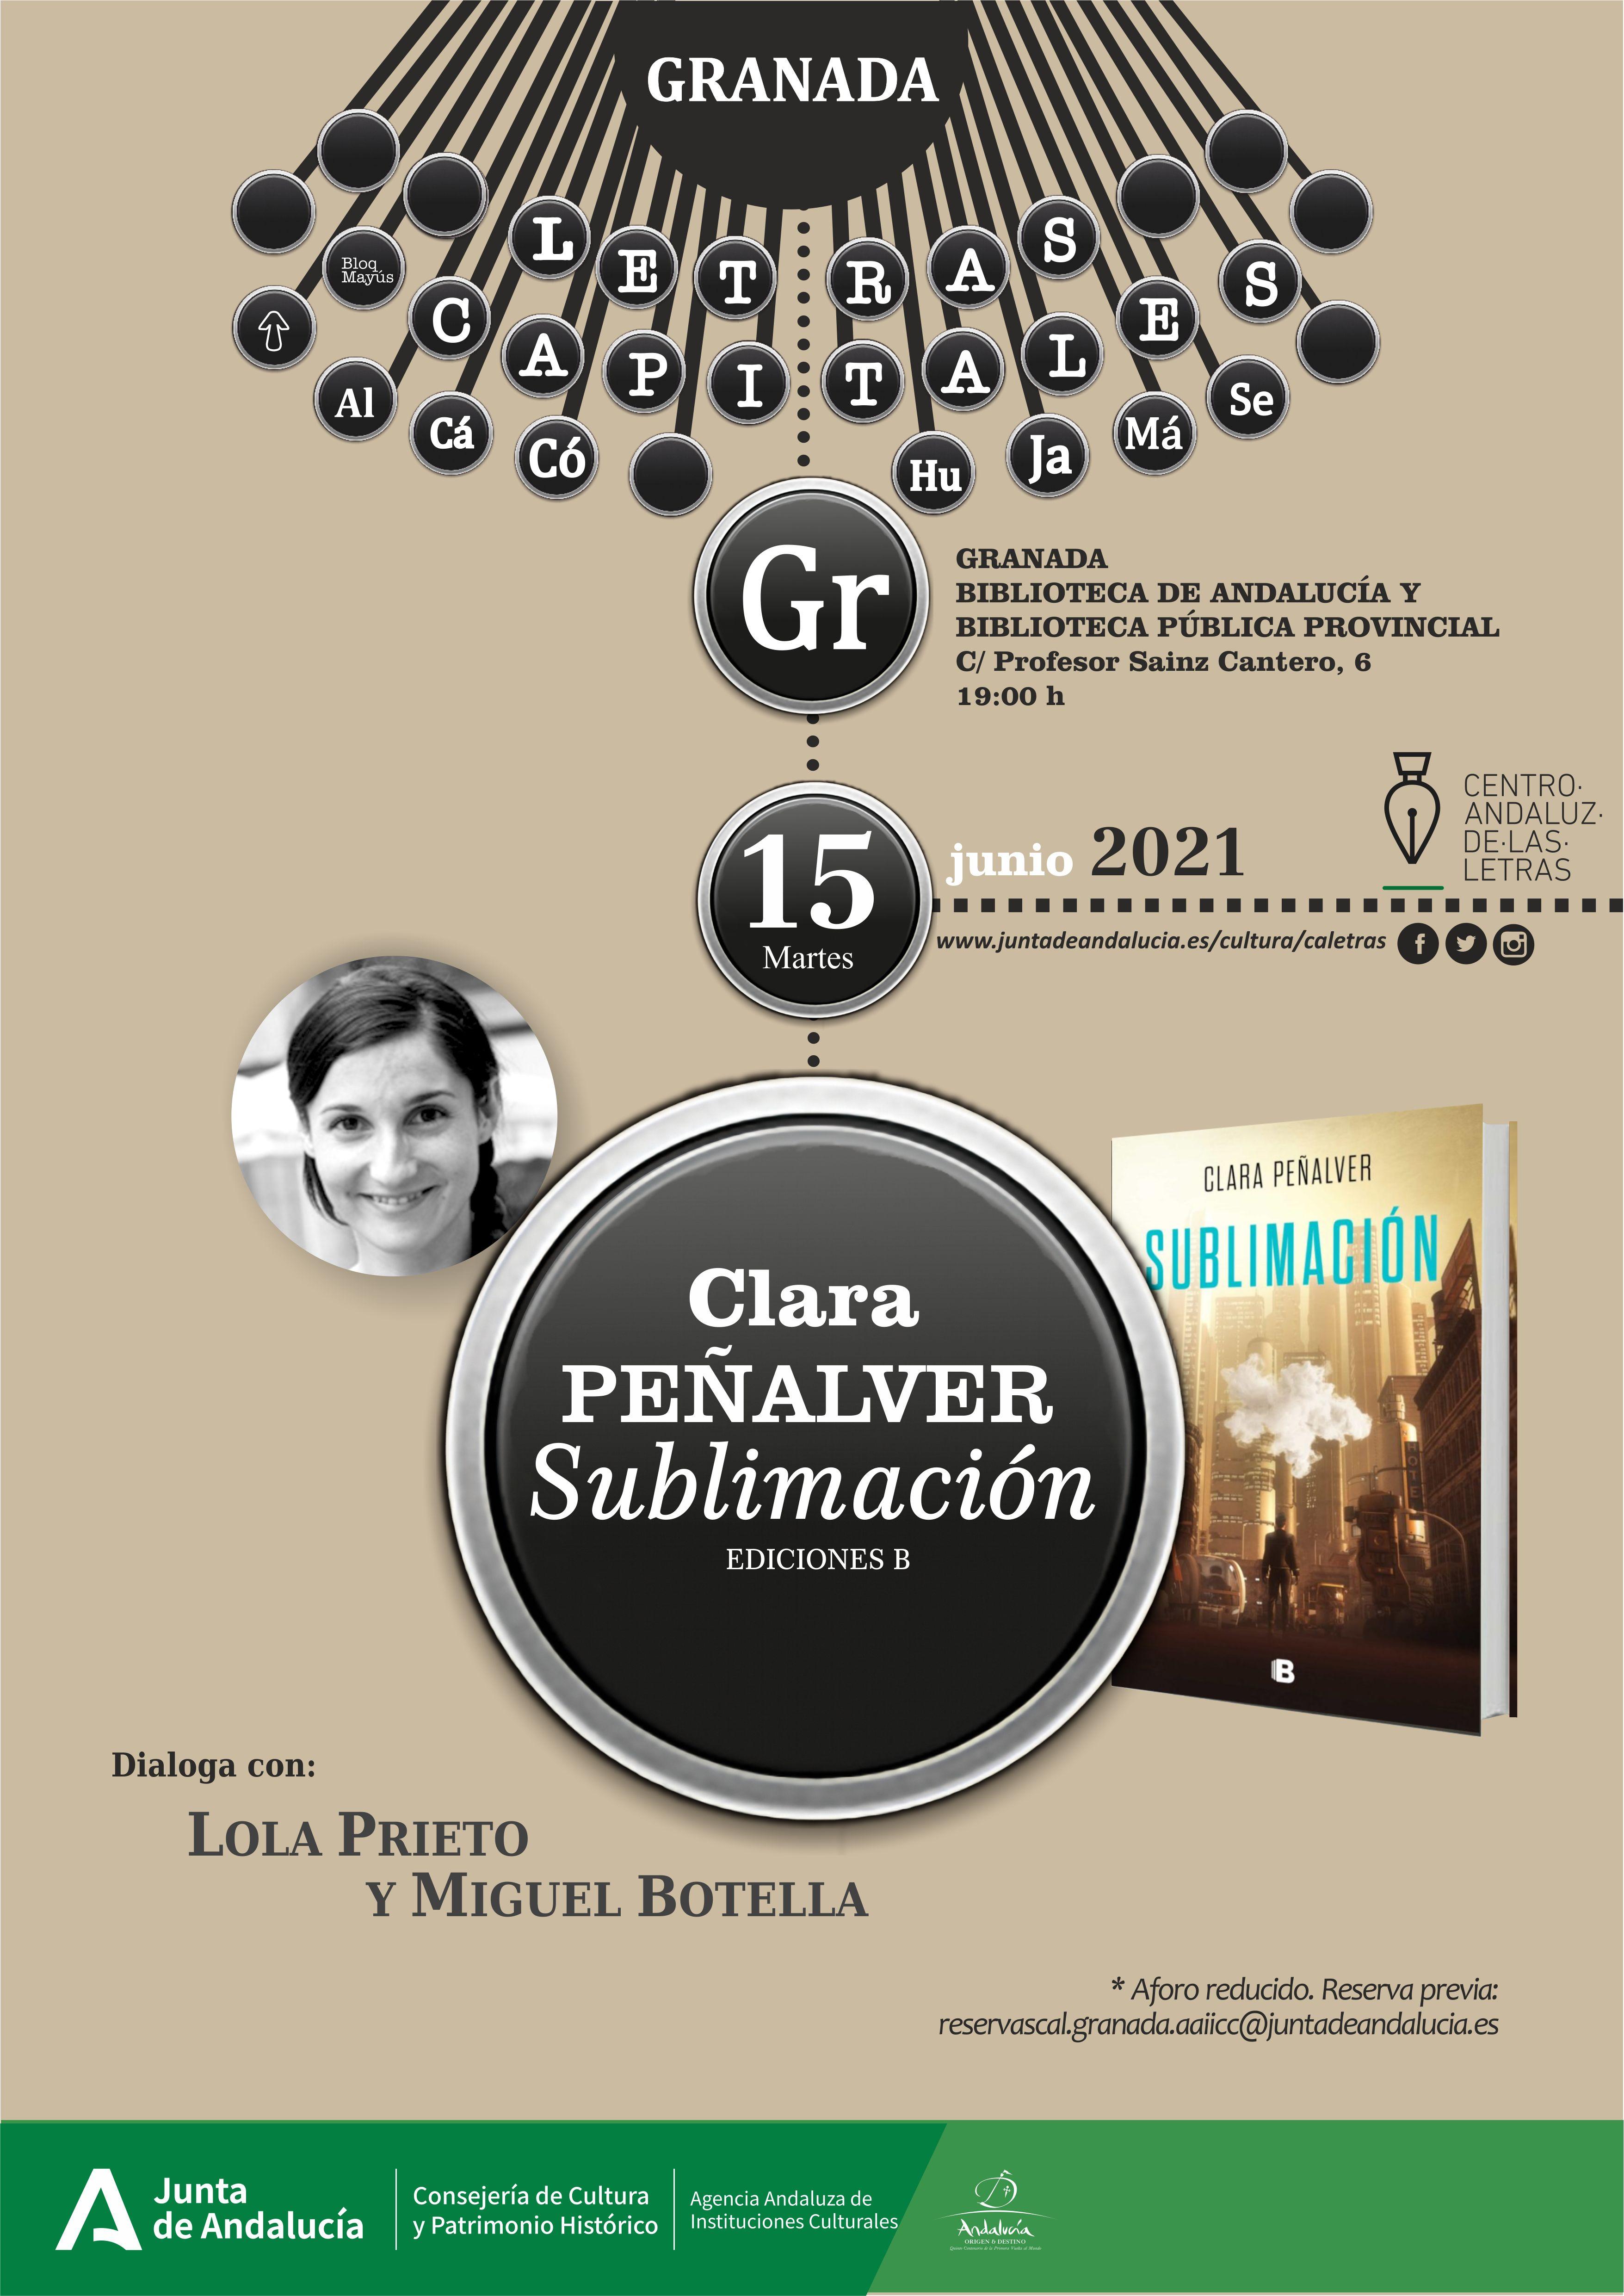 El Centro Andaluz de las Letras presenta el libro 'Sublimación' de la escritora Clara Peñalver